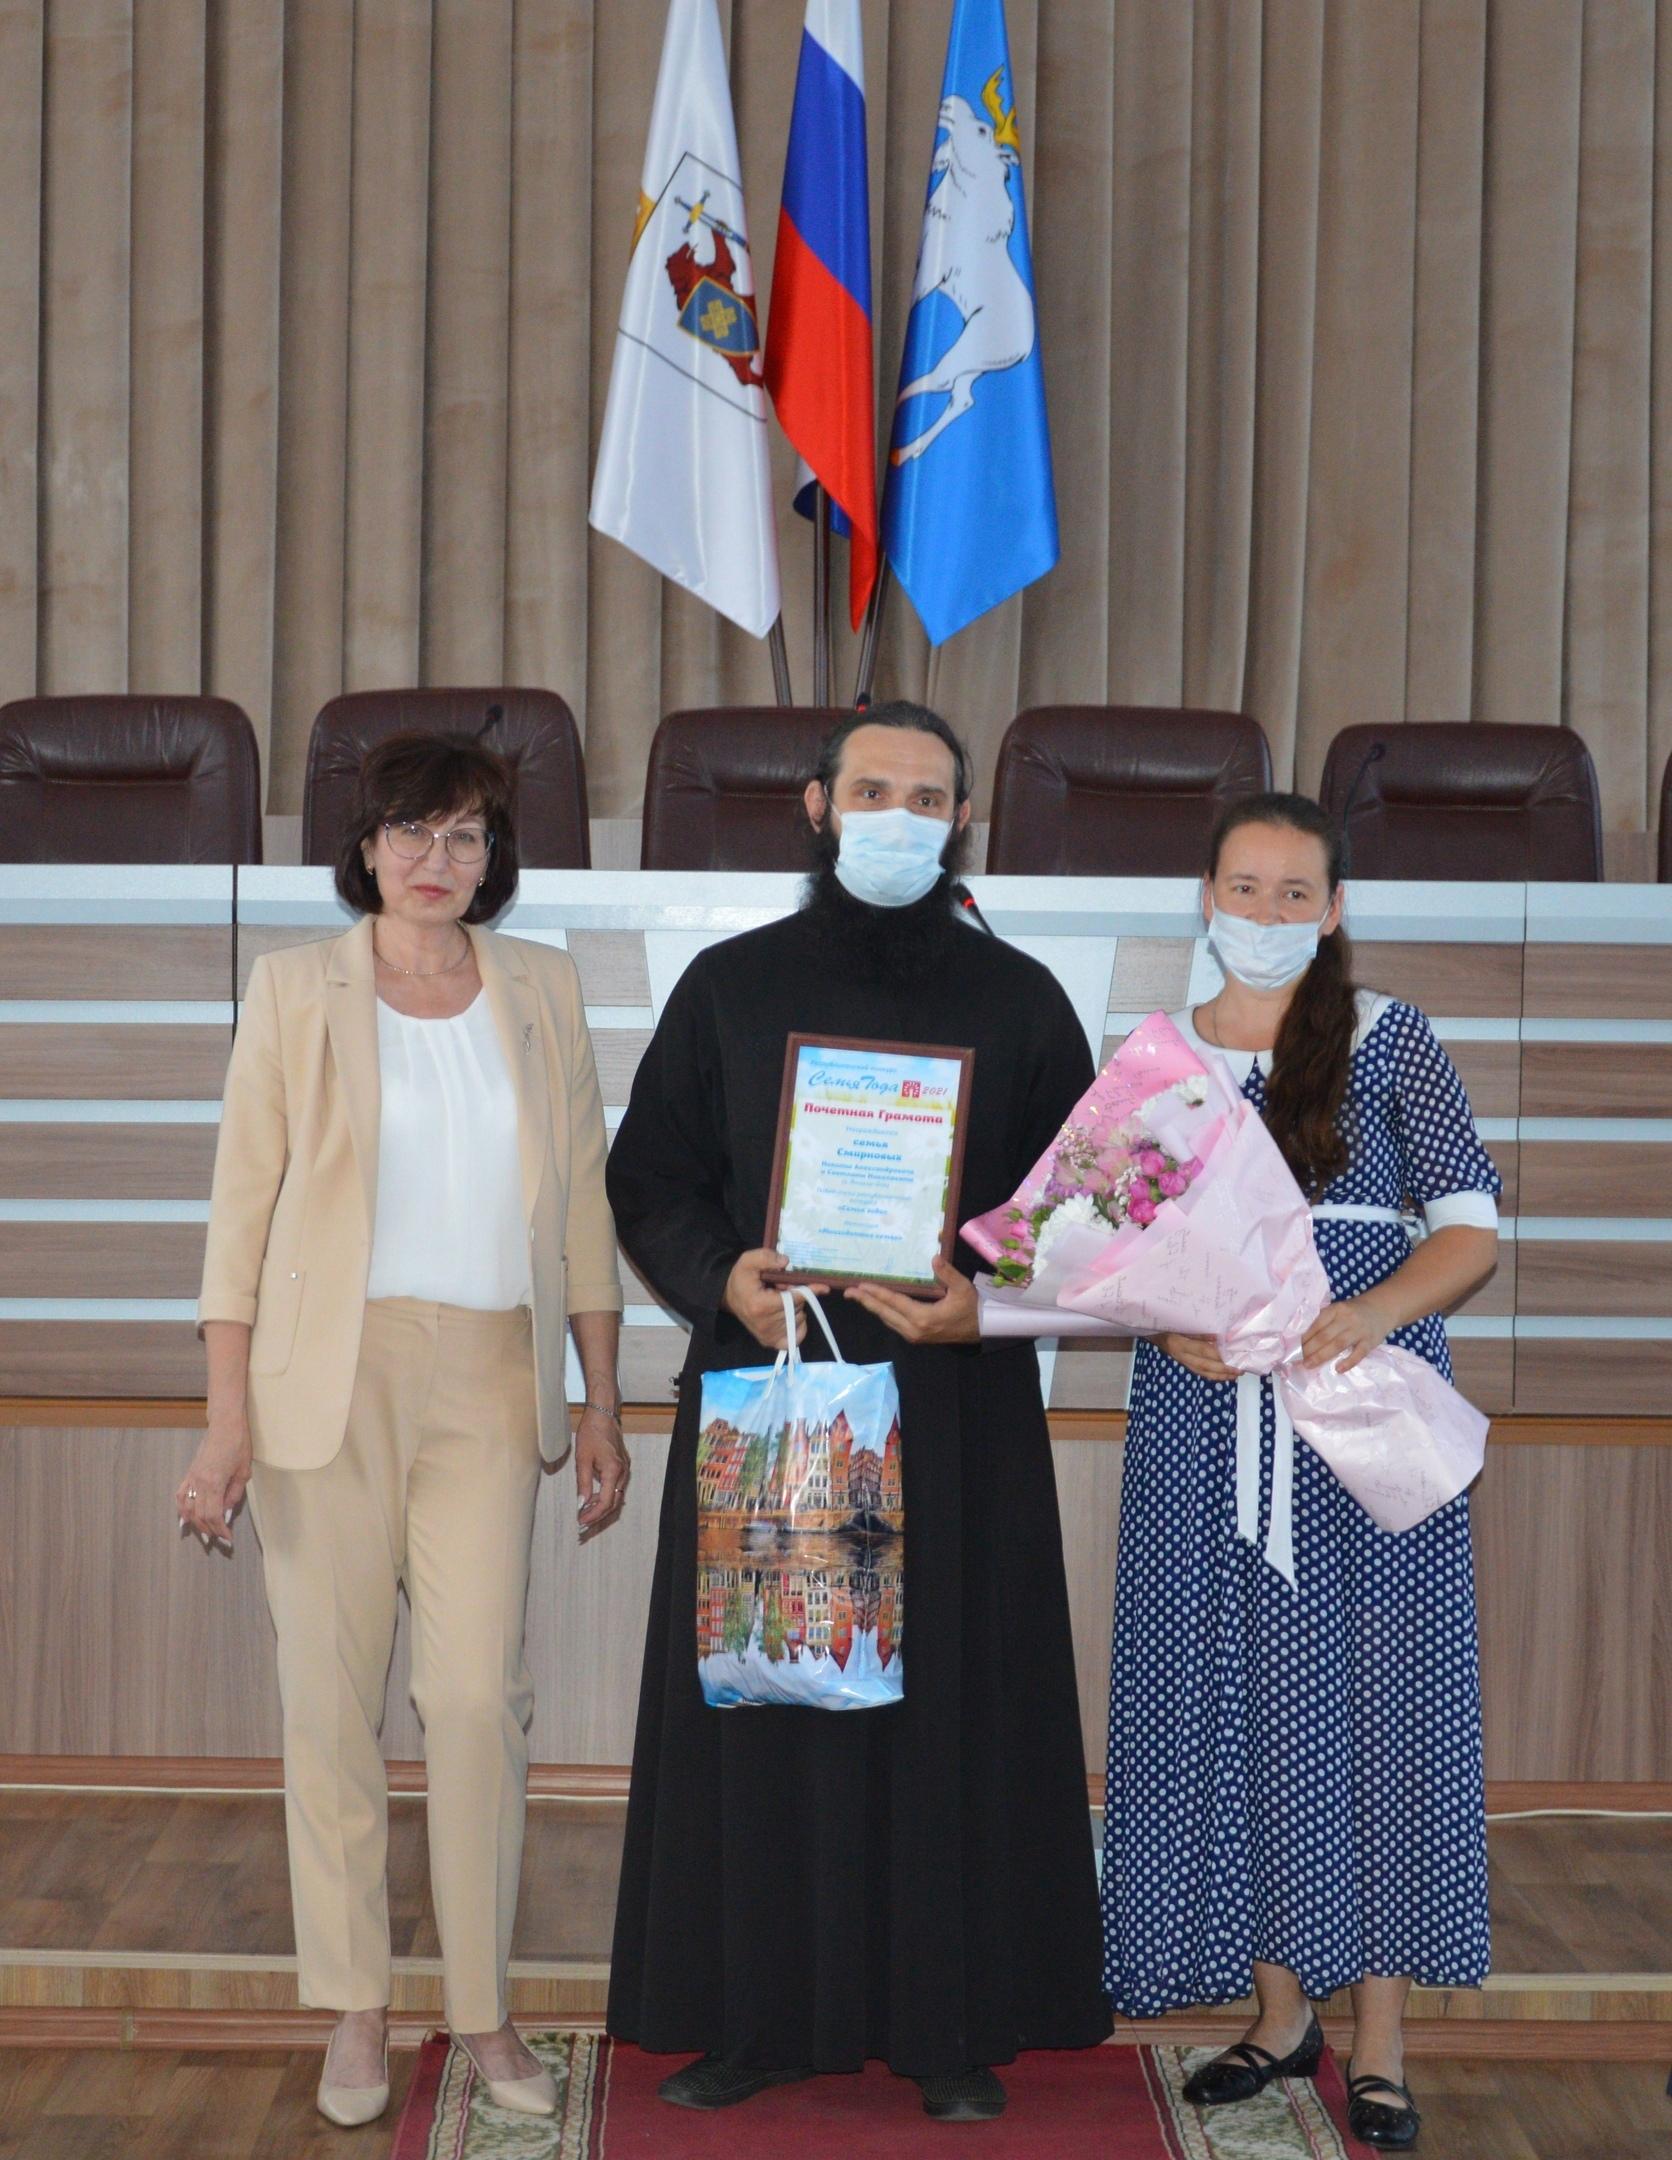 Семья Смирновых из Йошкар-Олы вошла в перечень победителей в конкурсе «Семья года»